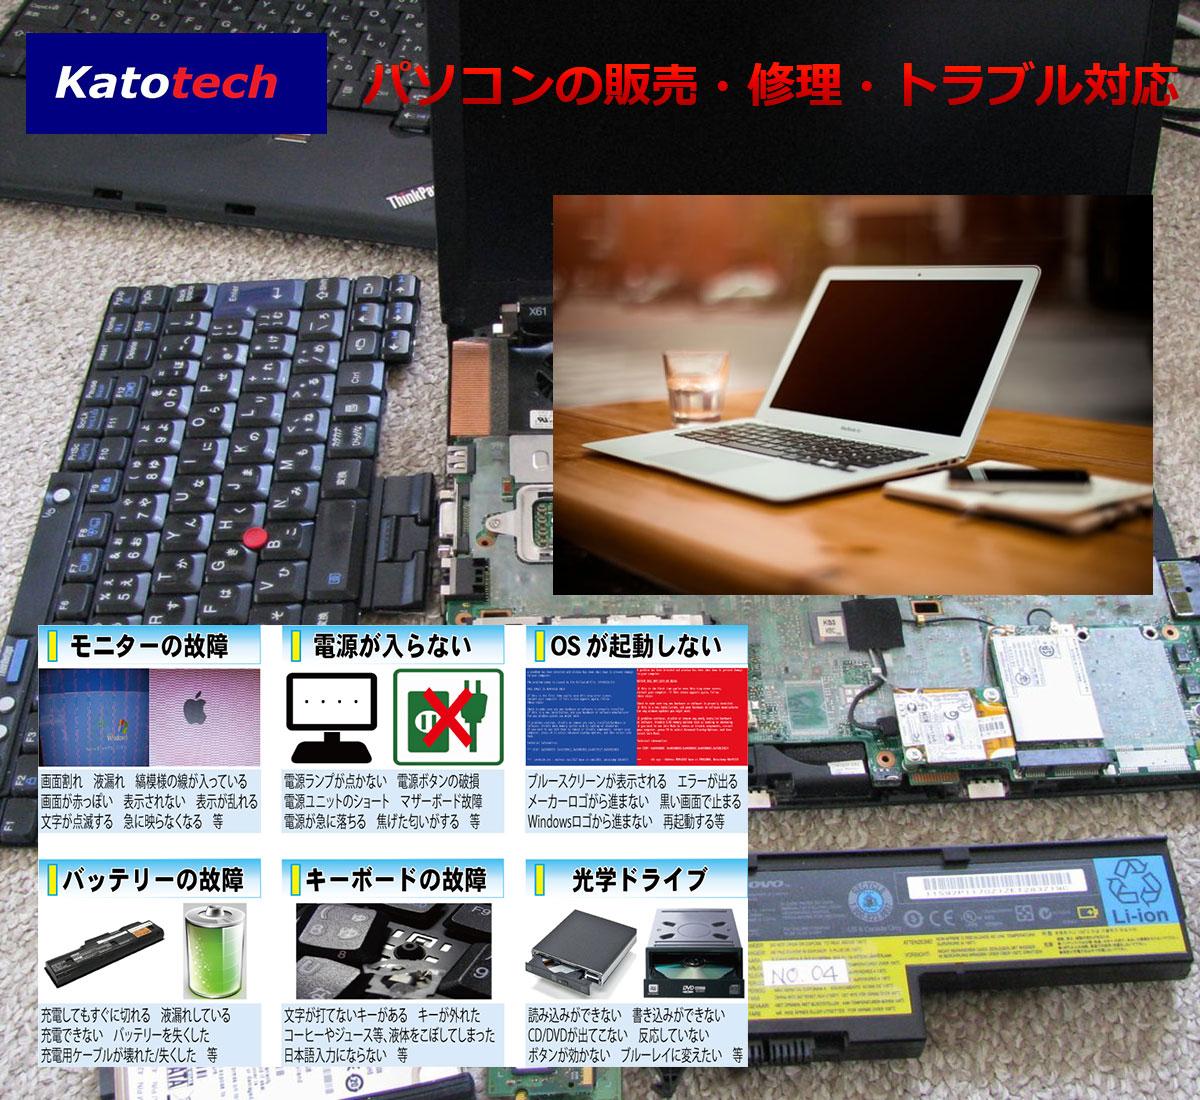 电脑修理及贩卖